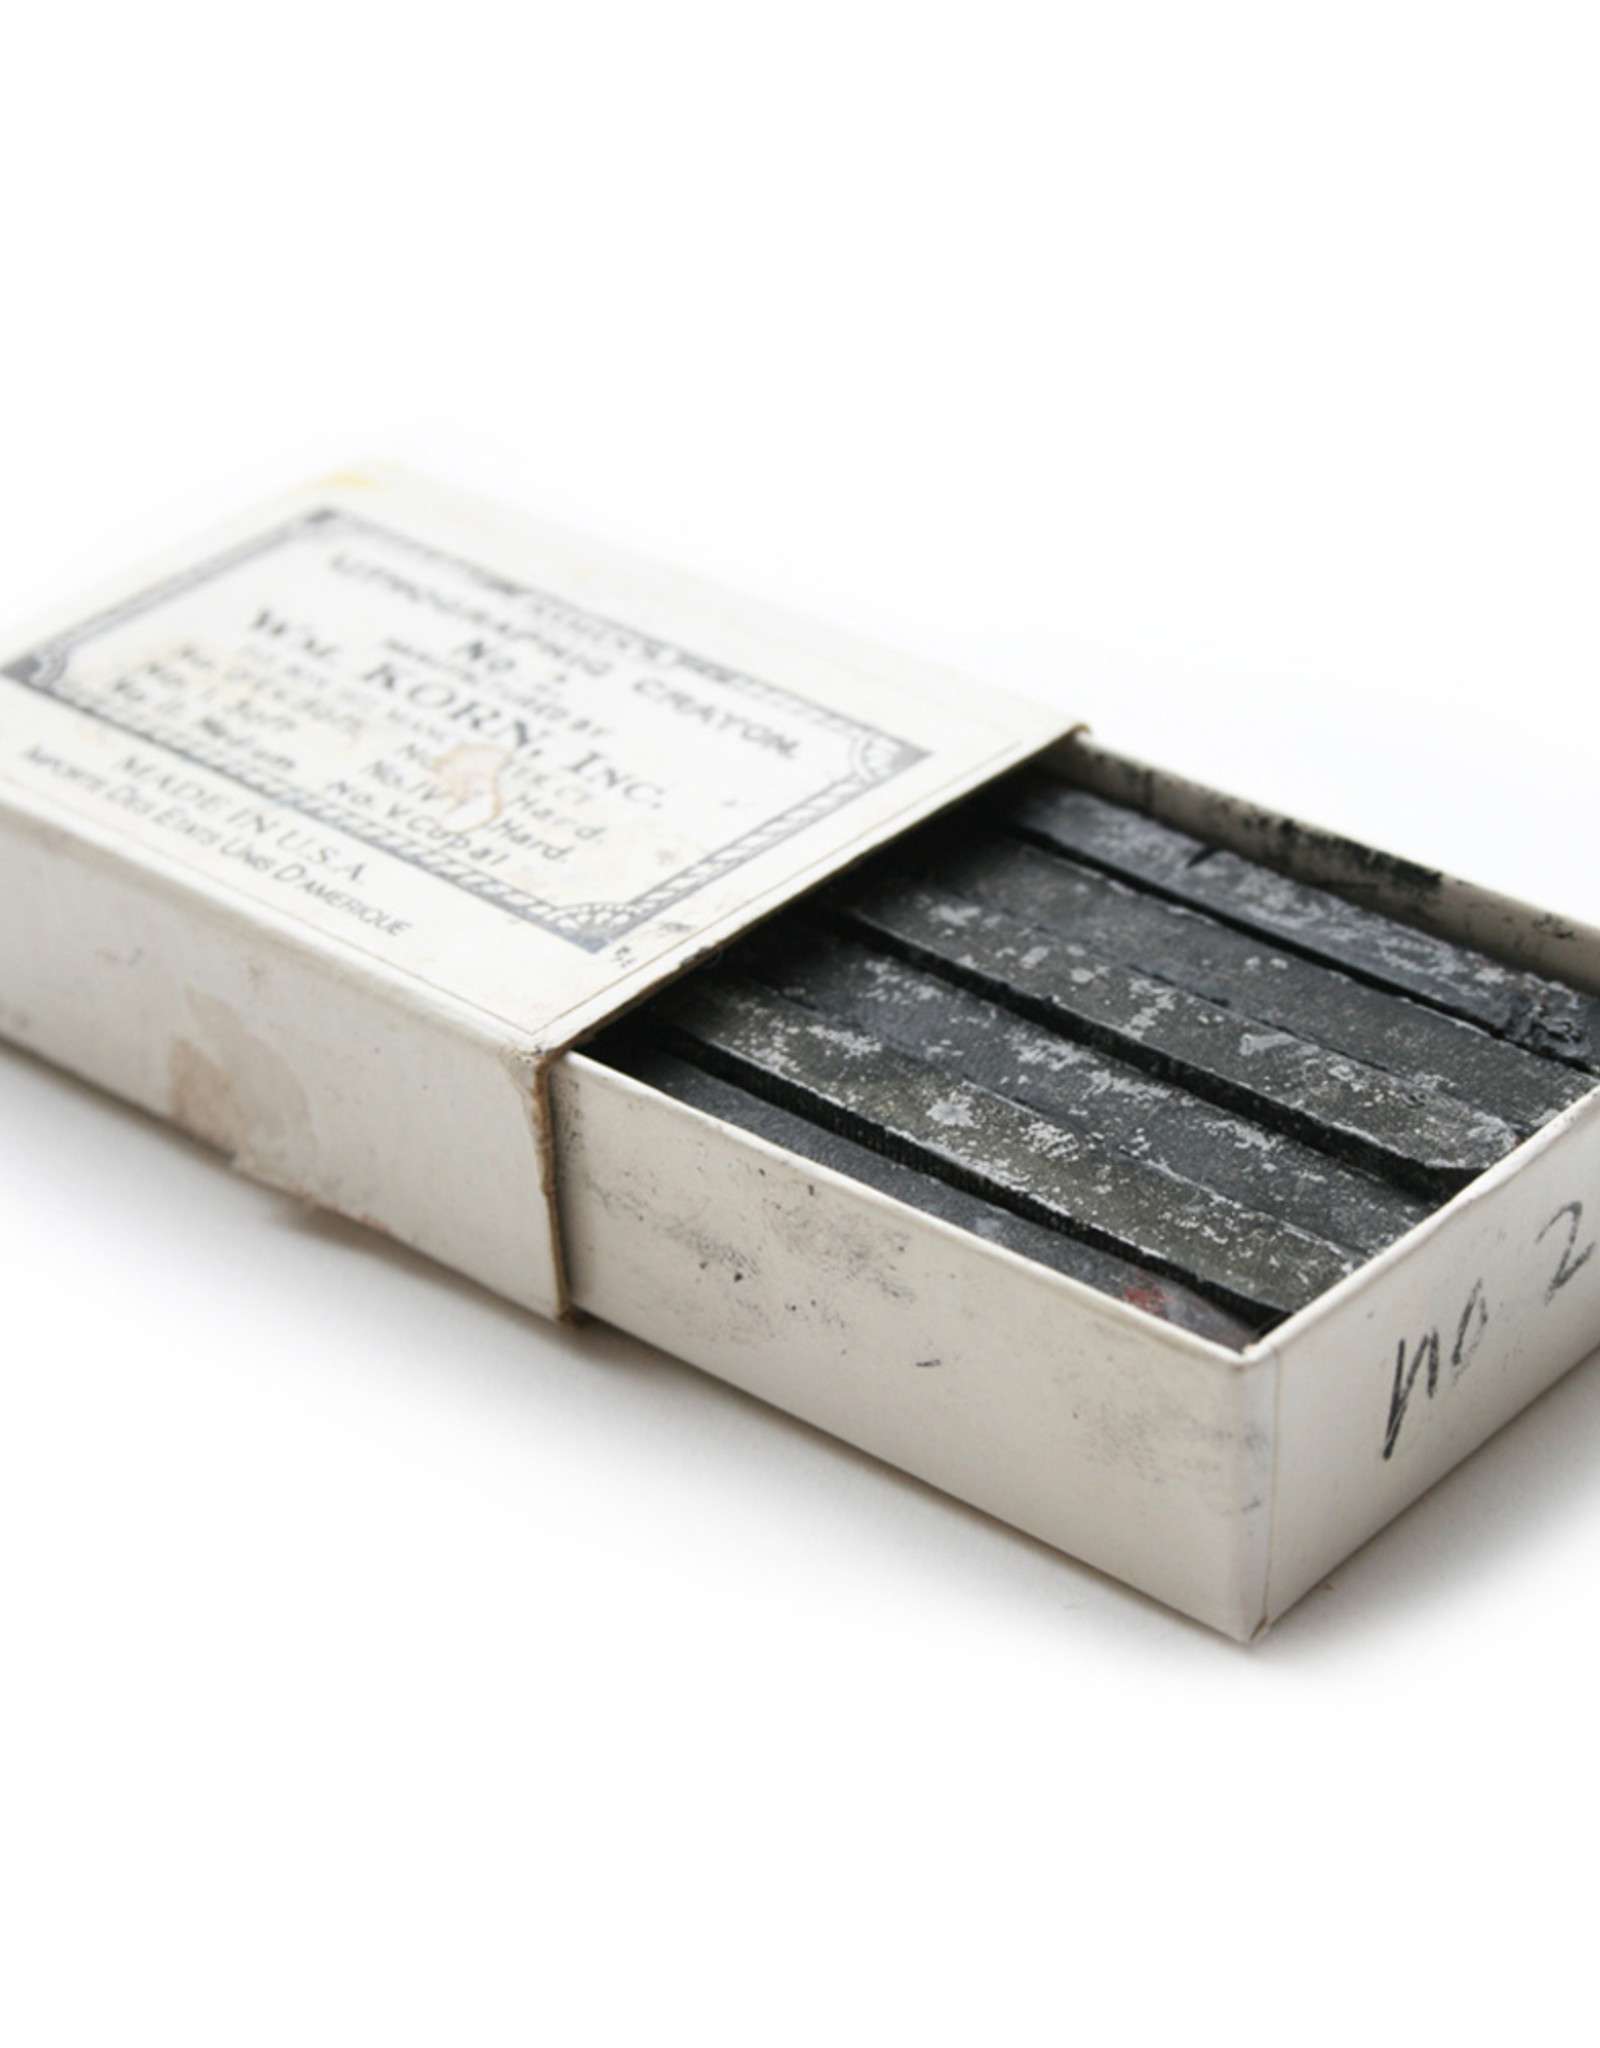 12 stuks lithokrijt staafje ±6cm lang Korn middelzacht nummer 2. De harde krijtjes geven een lichte toonwaarde en de zachtere een zwaardere.